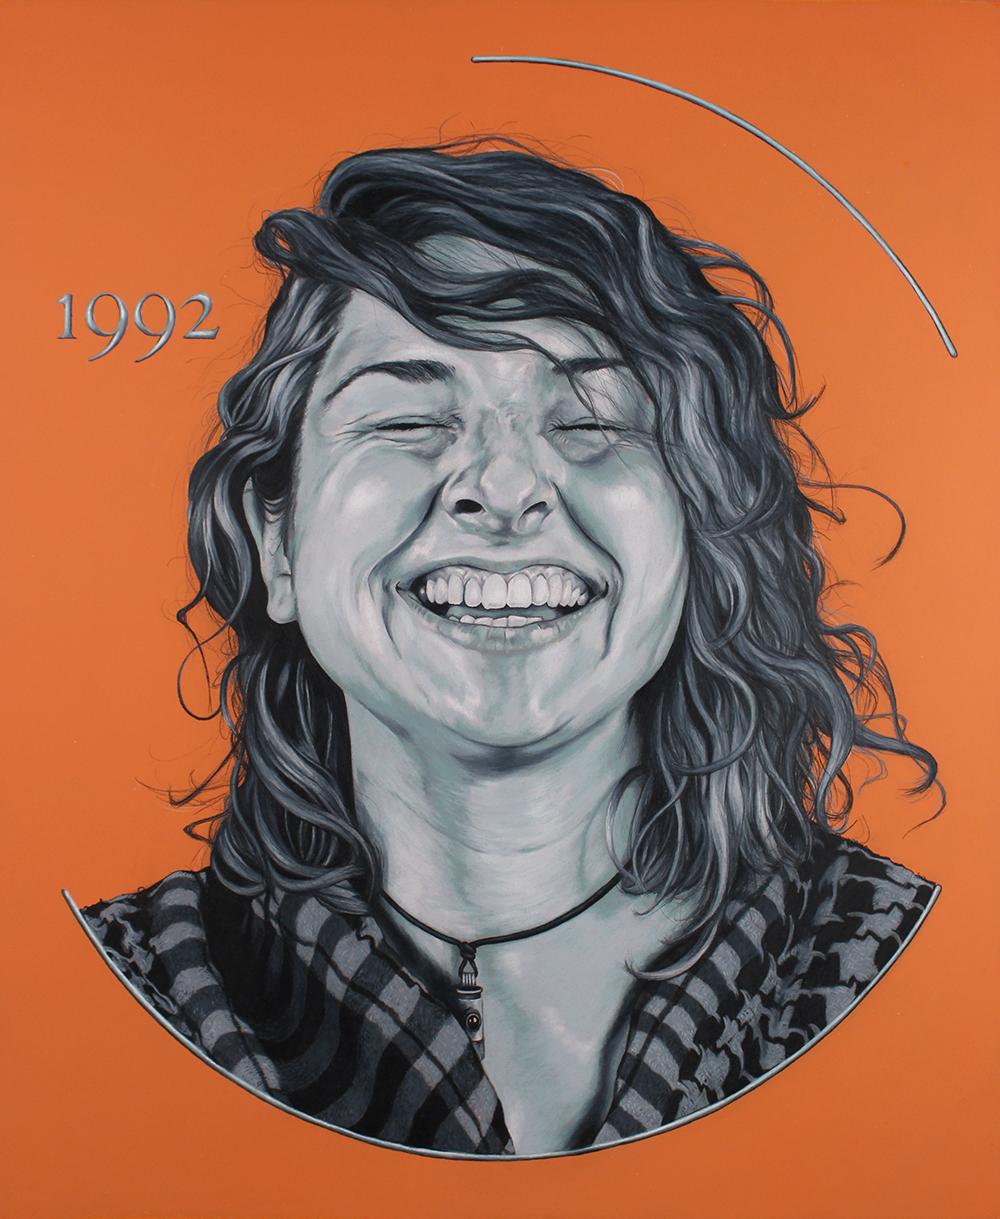 Copy of Julia-1992